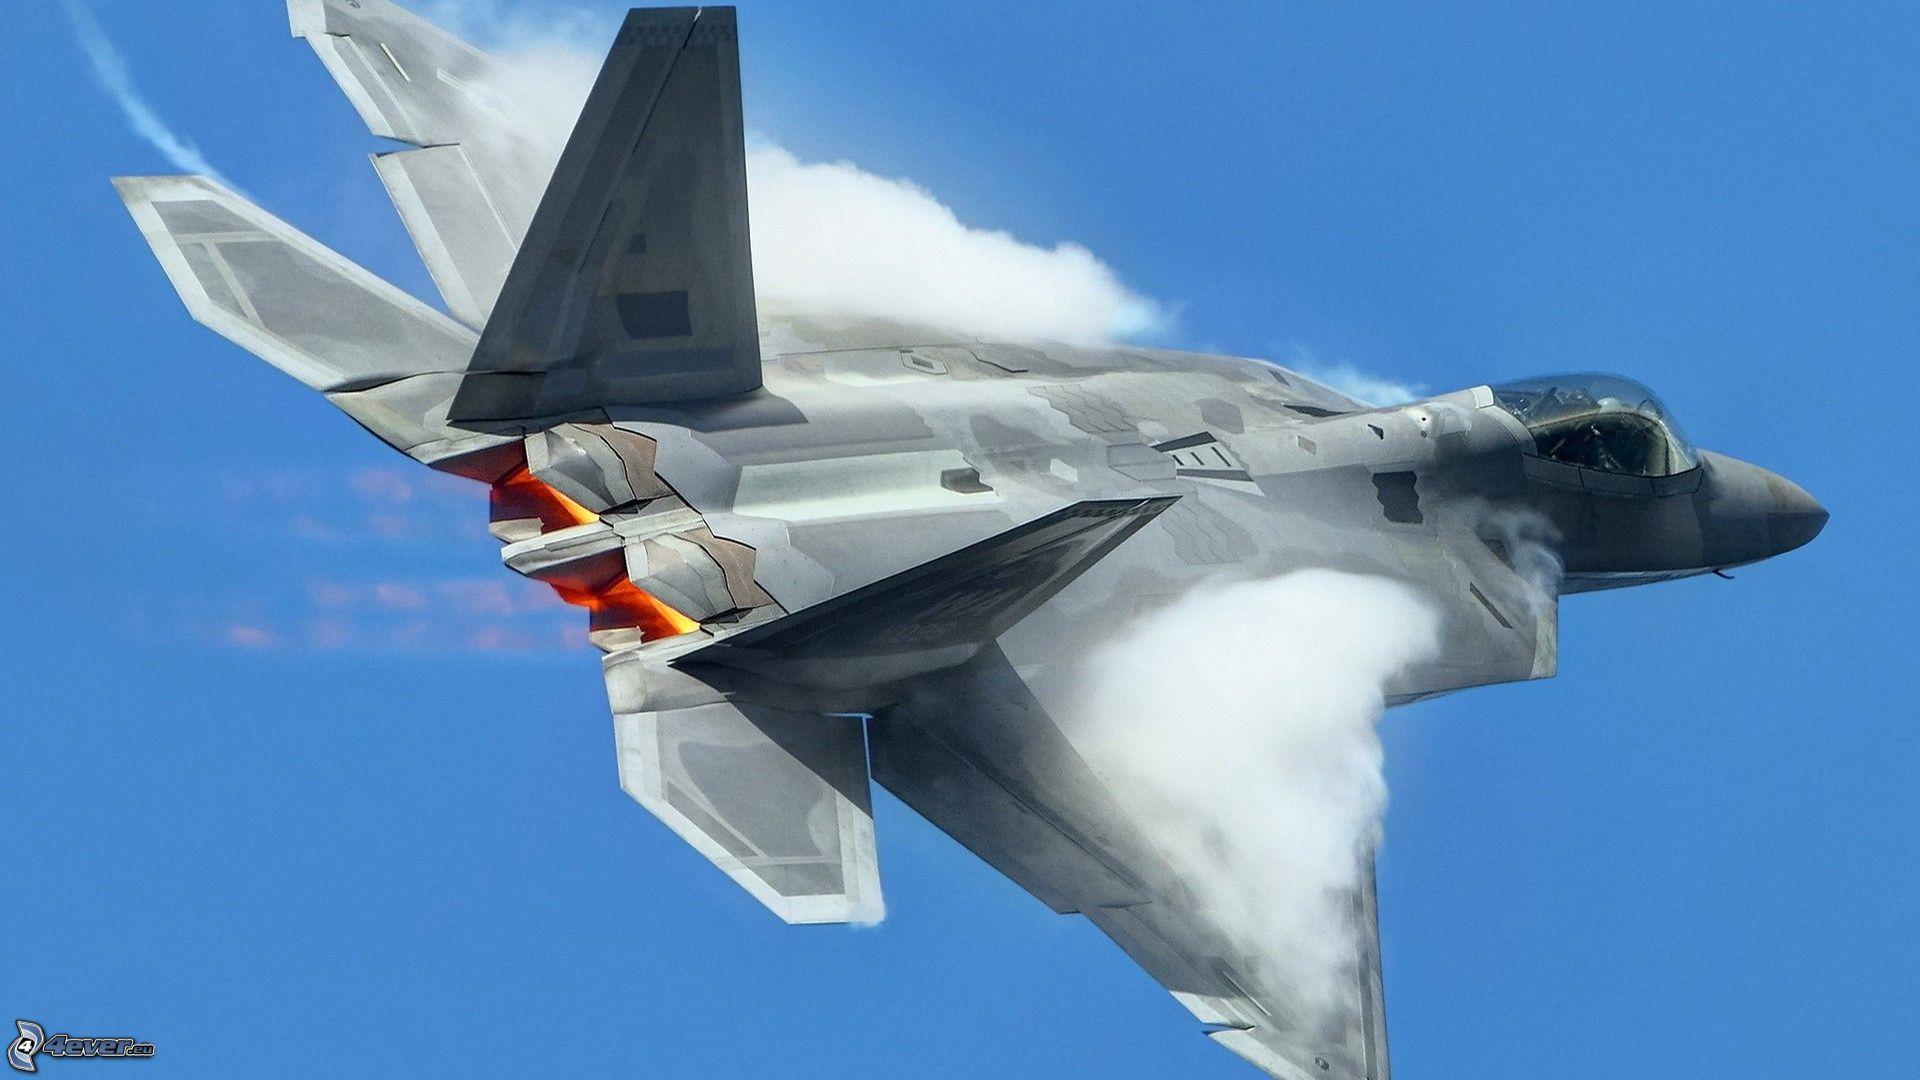 Aereo Da Caccia F 22 Raptor : F raptor